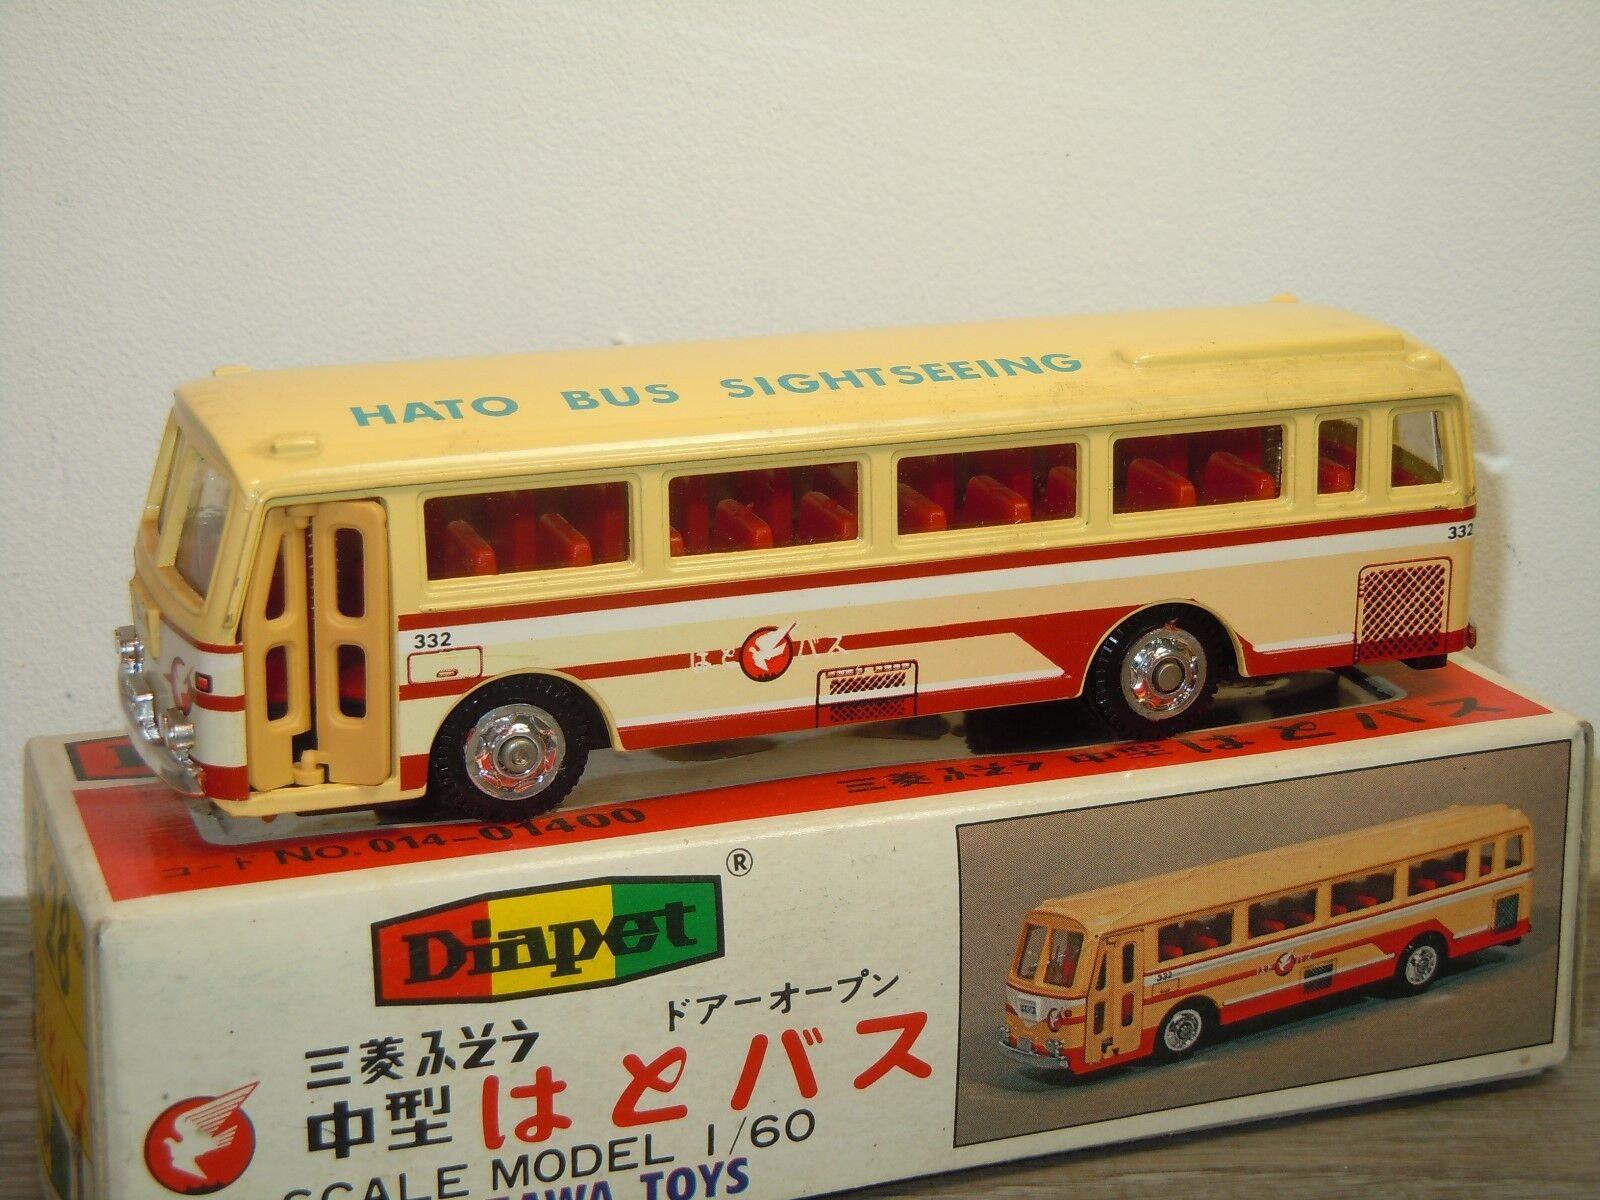 basta comprarlo Mitsubishi Fuso autobus  - Diapet Diapet Diapet Yonezawa giocattoli B-28 Japan 1 60 in scatola 35765  ottima selezione e consegna rapida